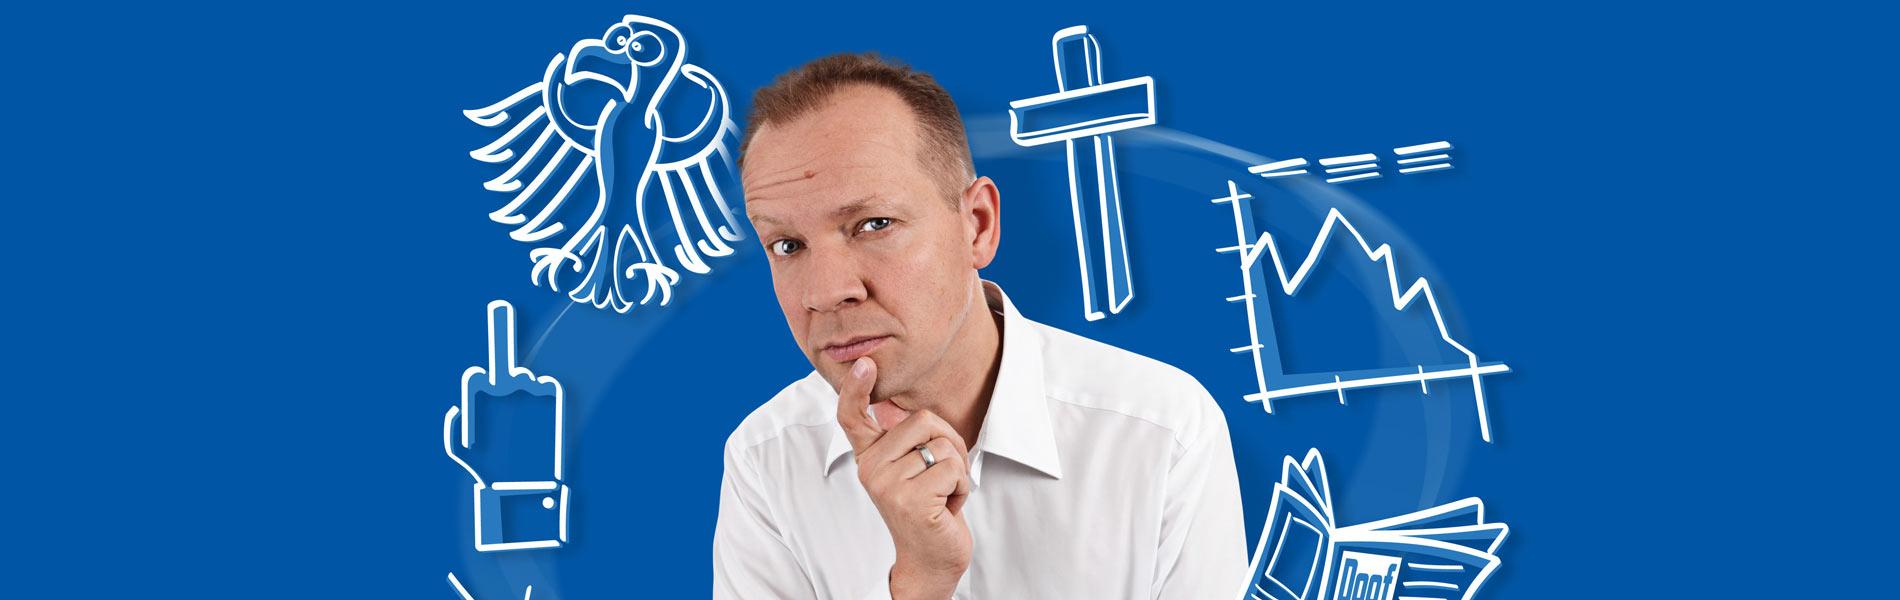 Thomas Schreckenberger Kabarett